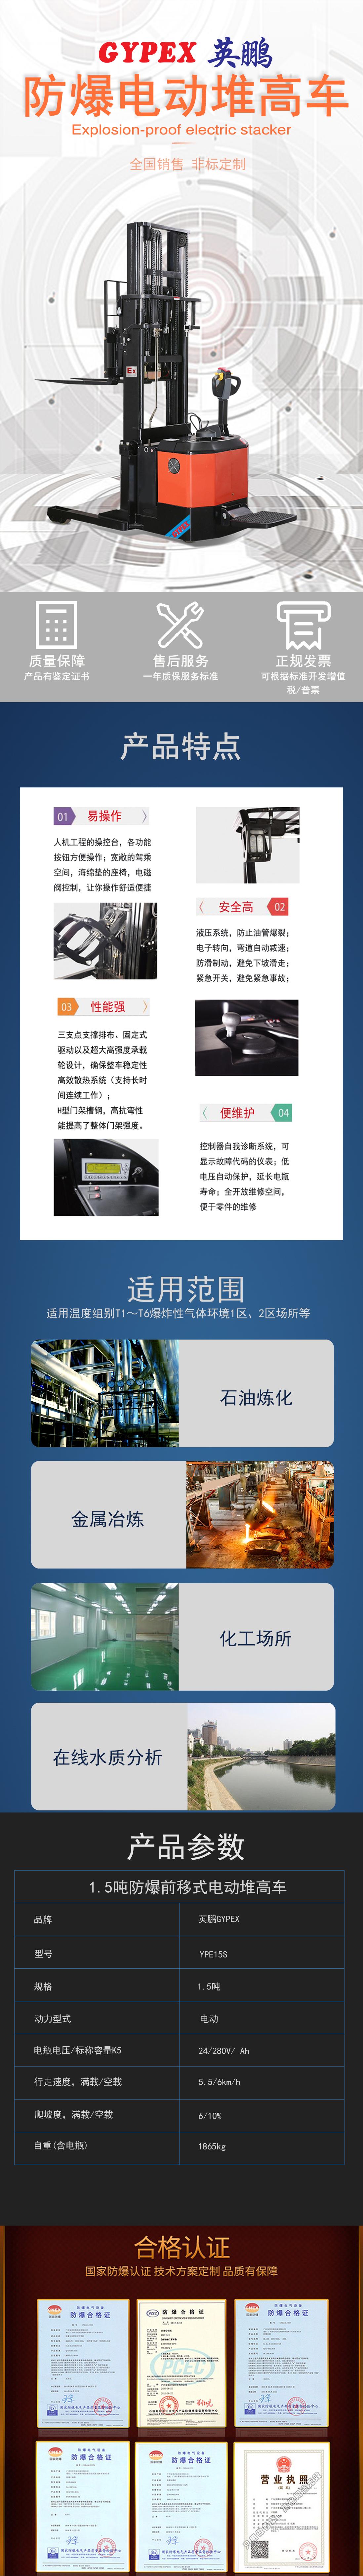 YPE15S  防爆前移式電動堆高車詳情圖.jpg